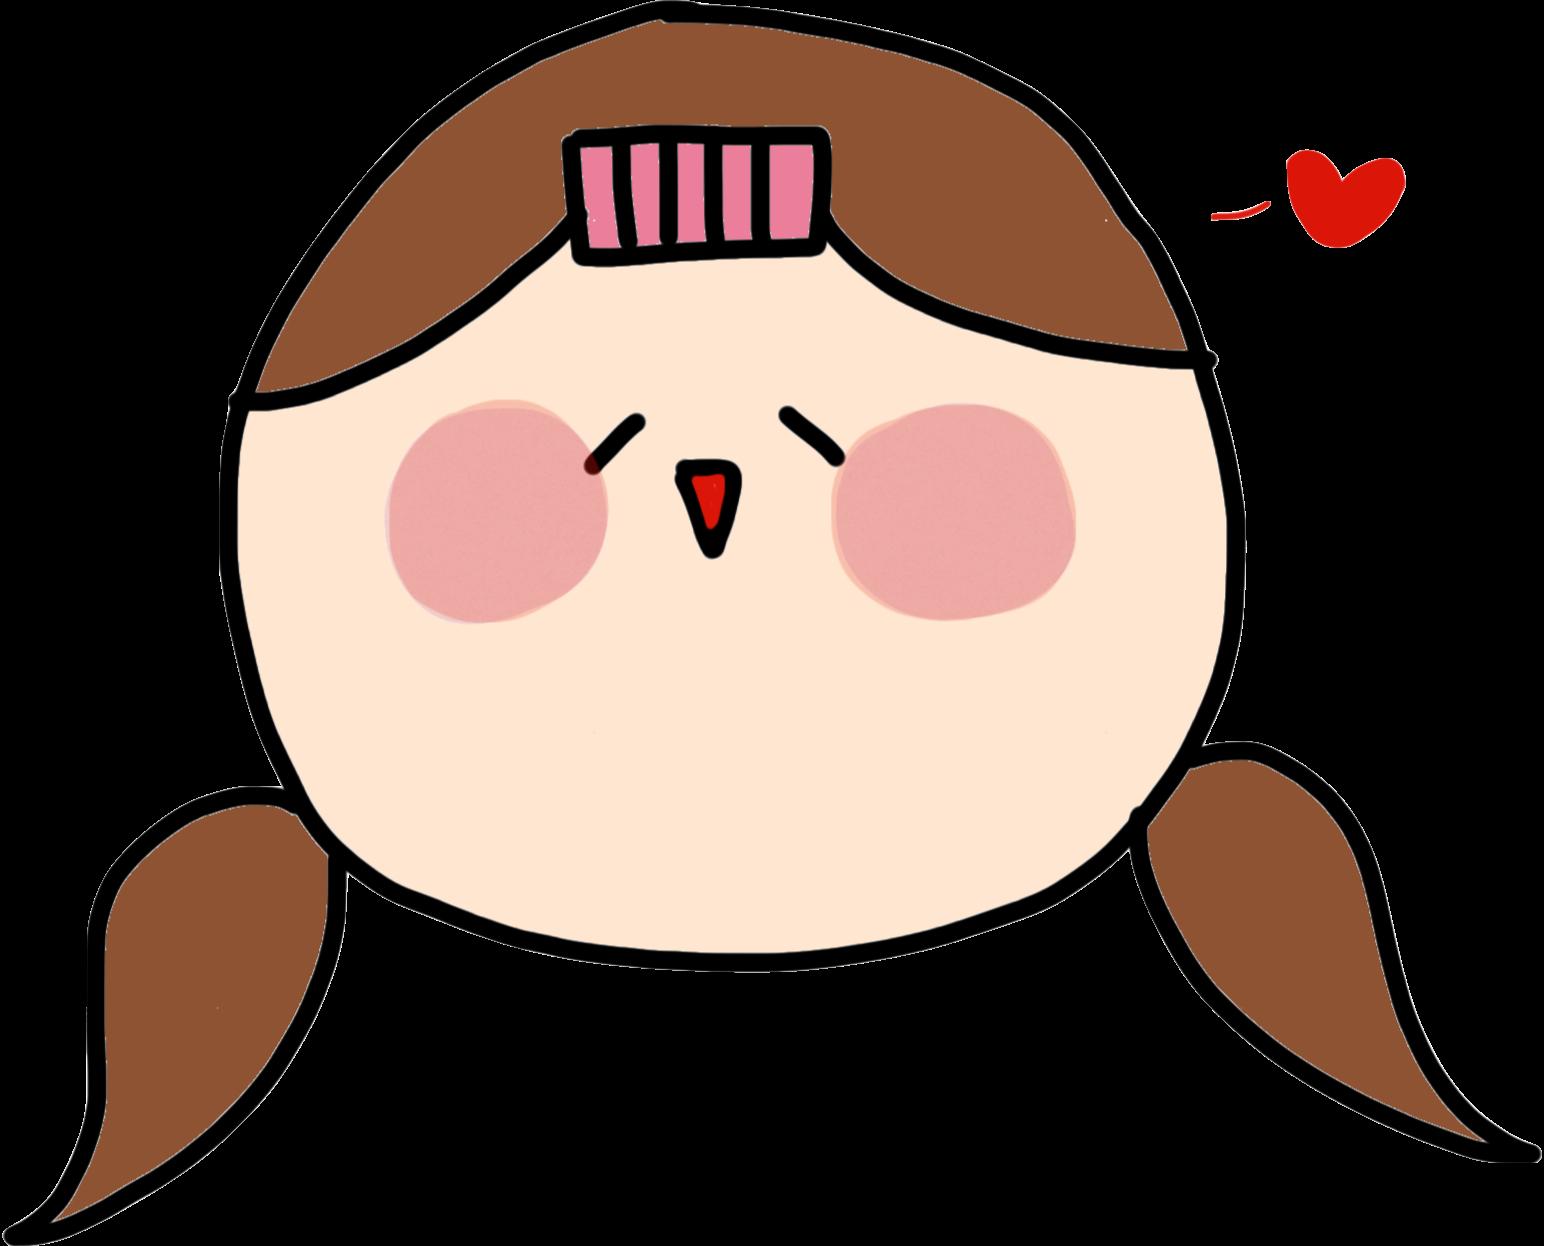 내친구 라미 - My friend, Lami messages sticker-8